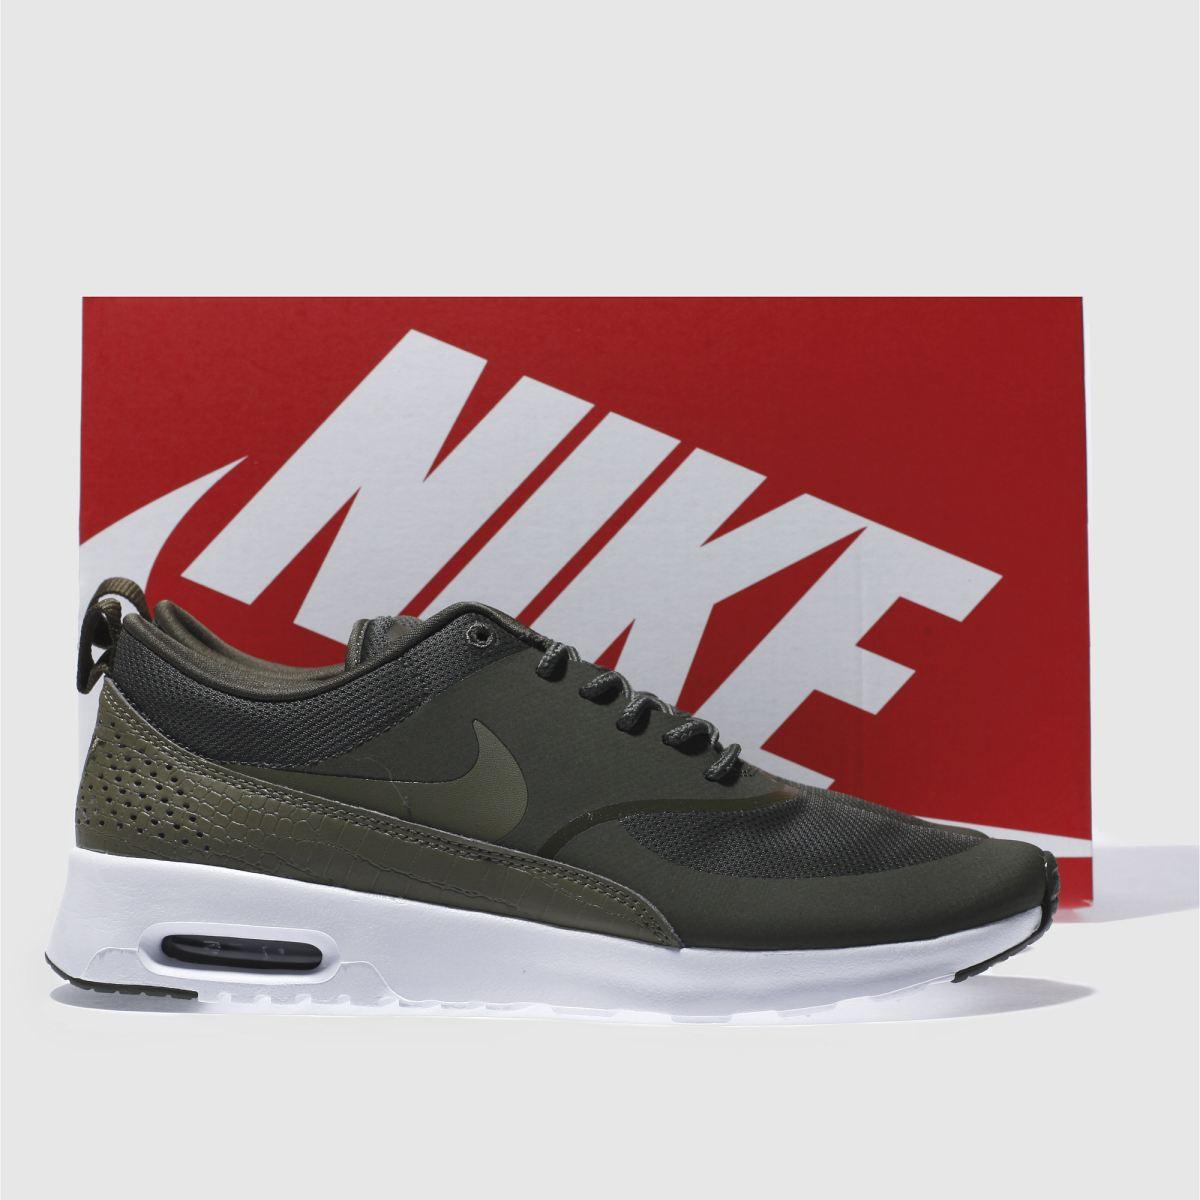 Damen Khaki nike Air schuh Max Thea Sneaker   schuh Air Gute Qualität beliebte Schuhe a1dd1f